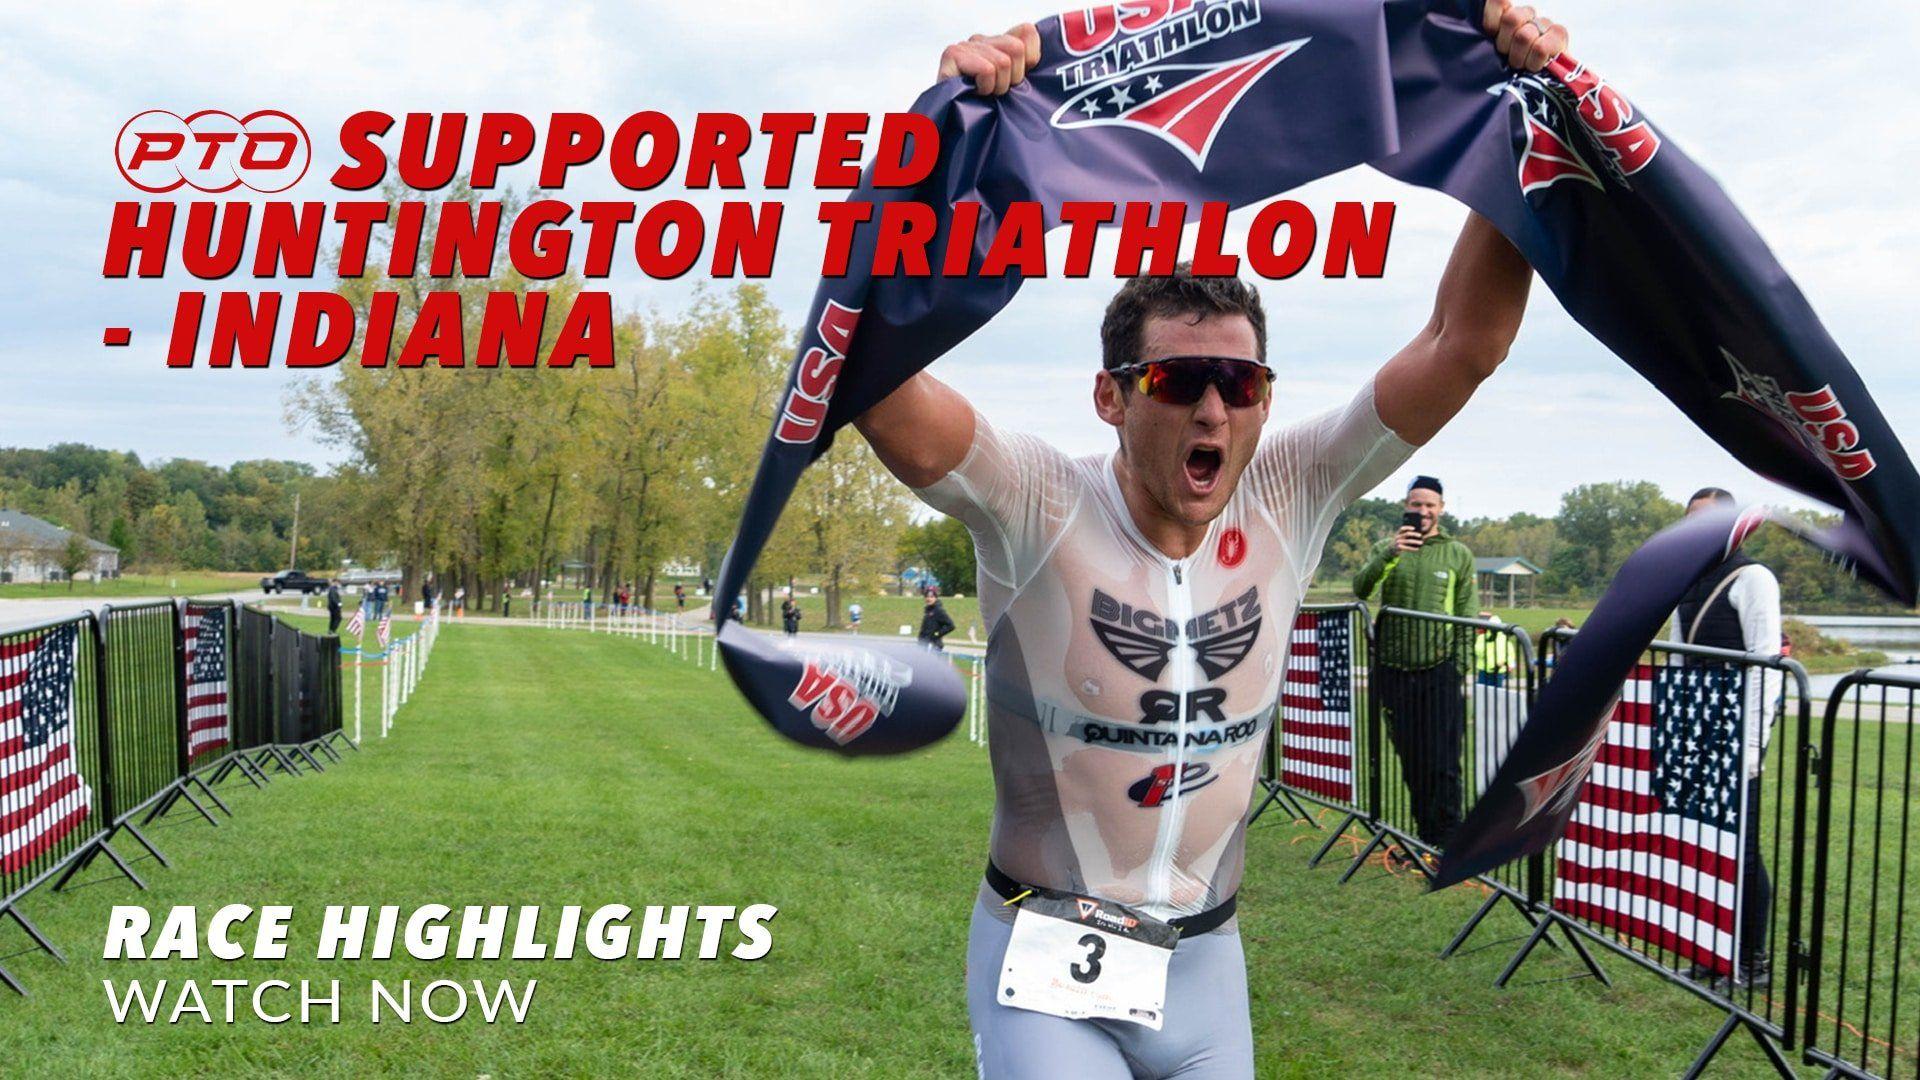 HIGHLIGHTS: Huntington Triathlon